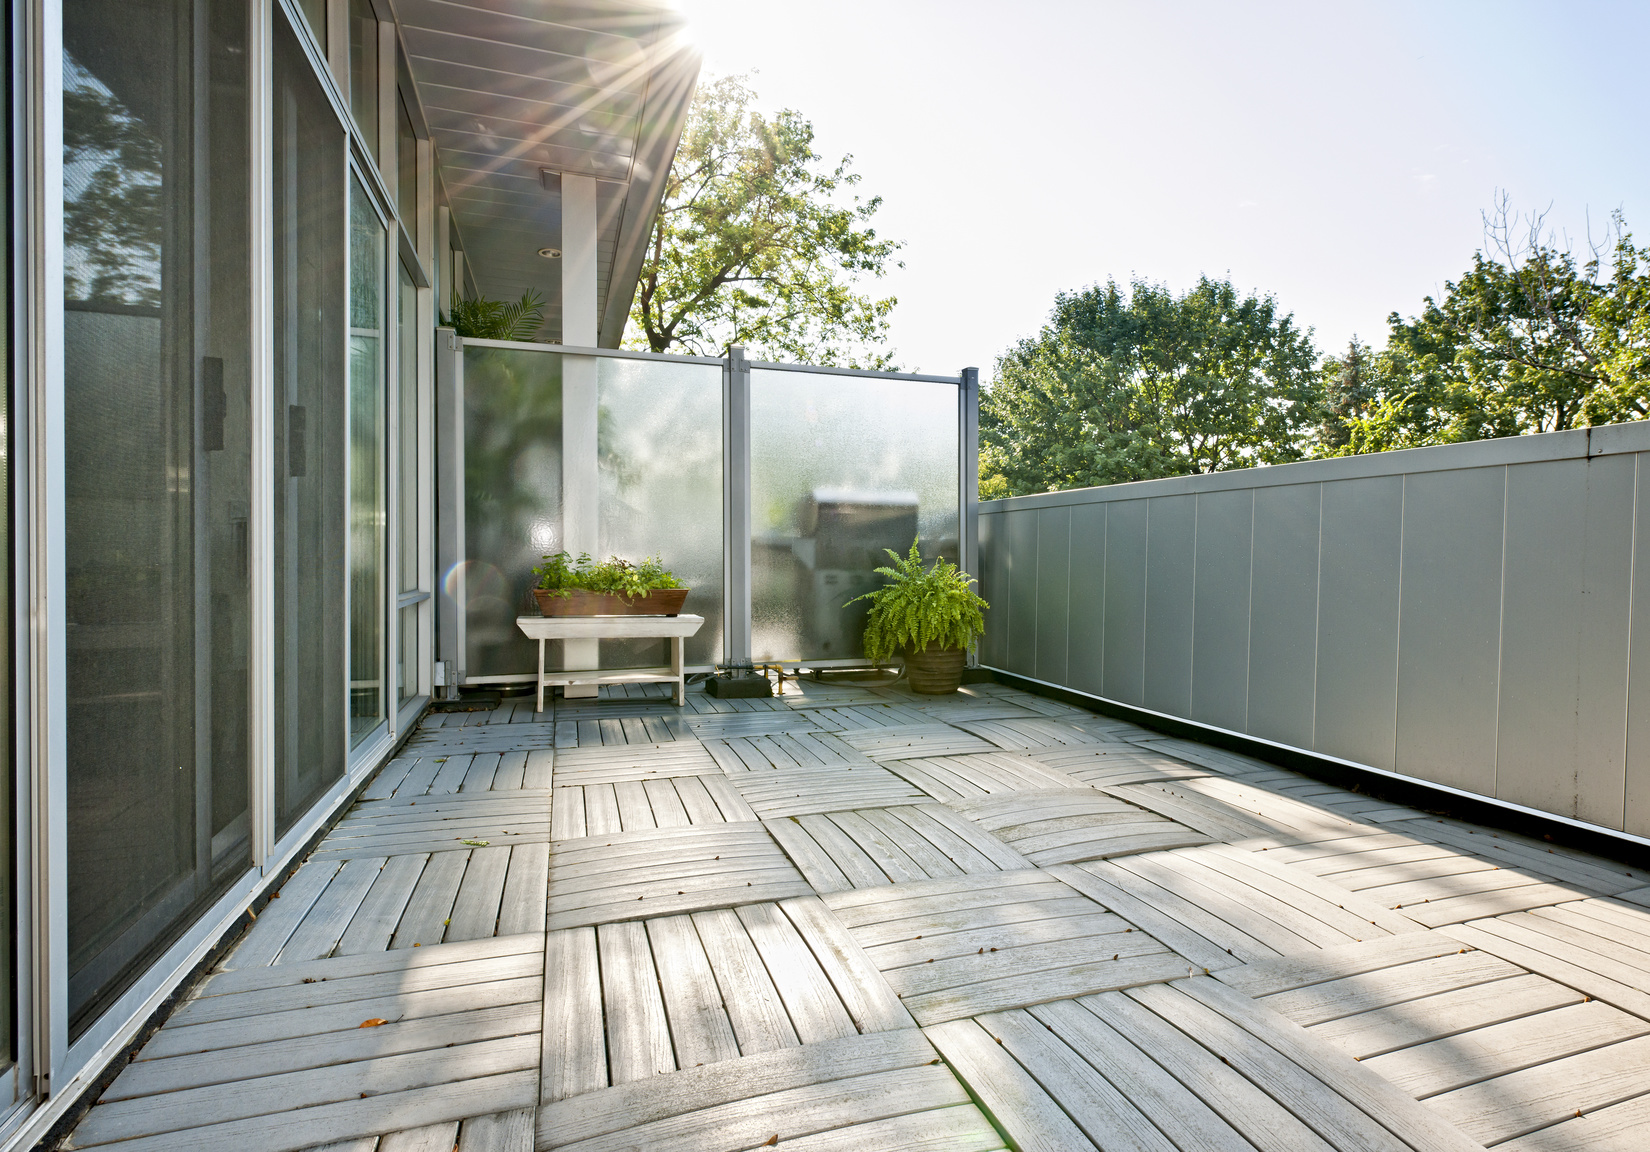 Sichtschutz für den Balkon: Dieser Sichtschutz ist schnell montiert - und hält, was er verspricht: Privatsphäre pur! (#01)